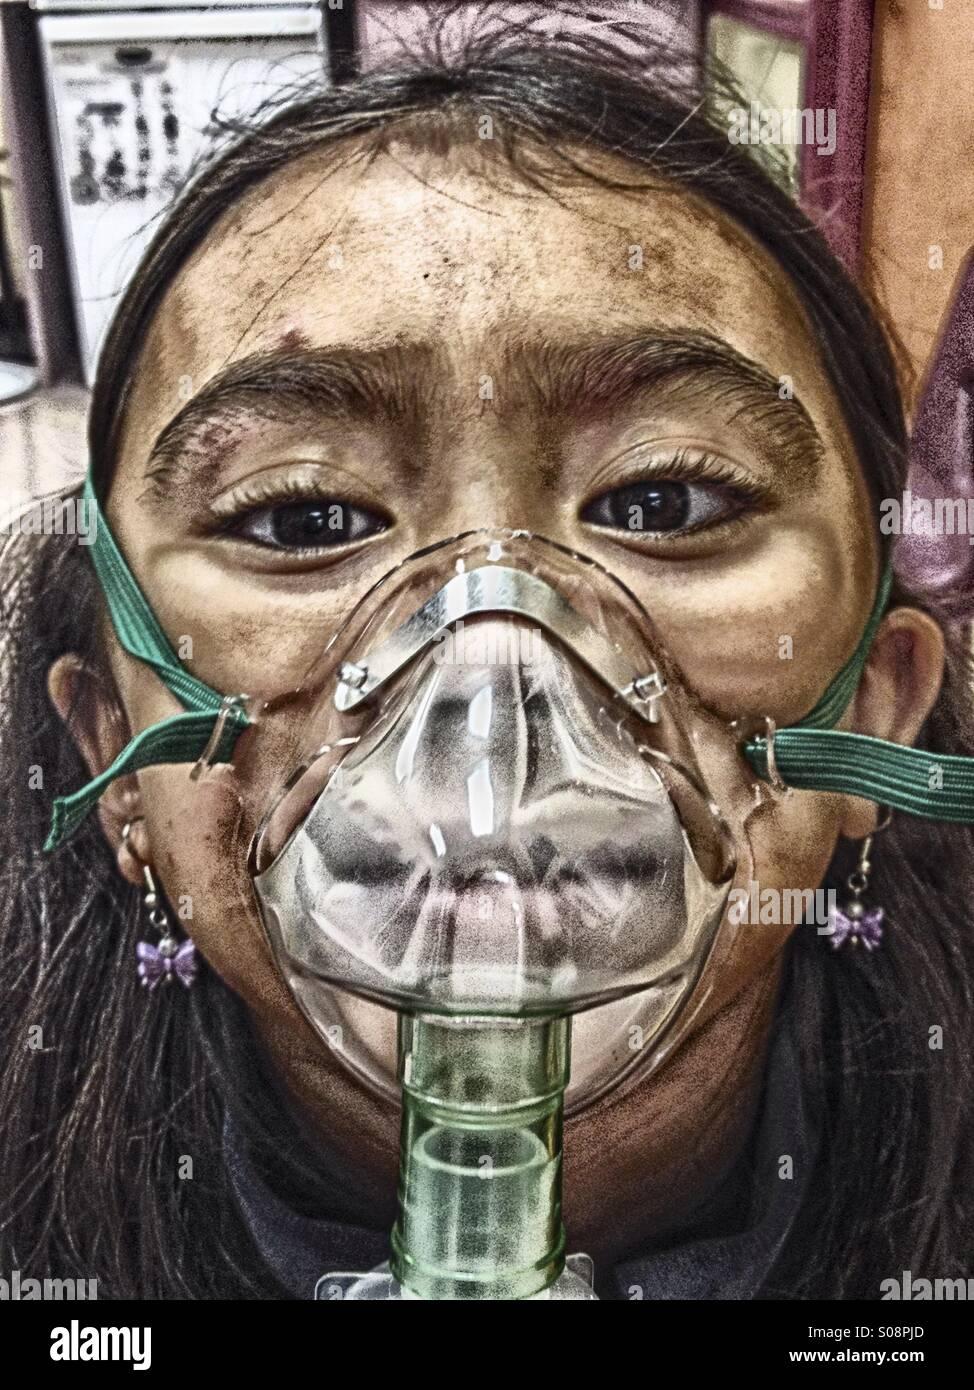 Petite fille recevant un traitement de la respiration avec un pulvérisateur après un accident. Photo Stock